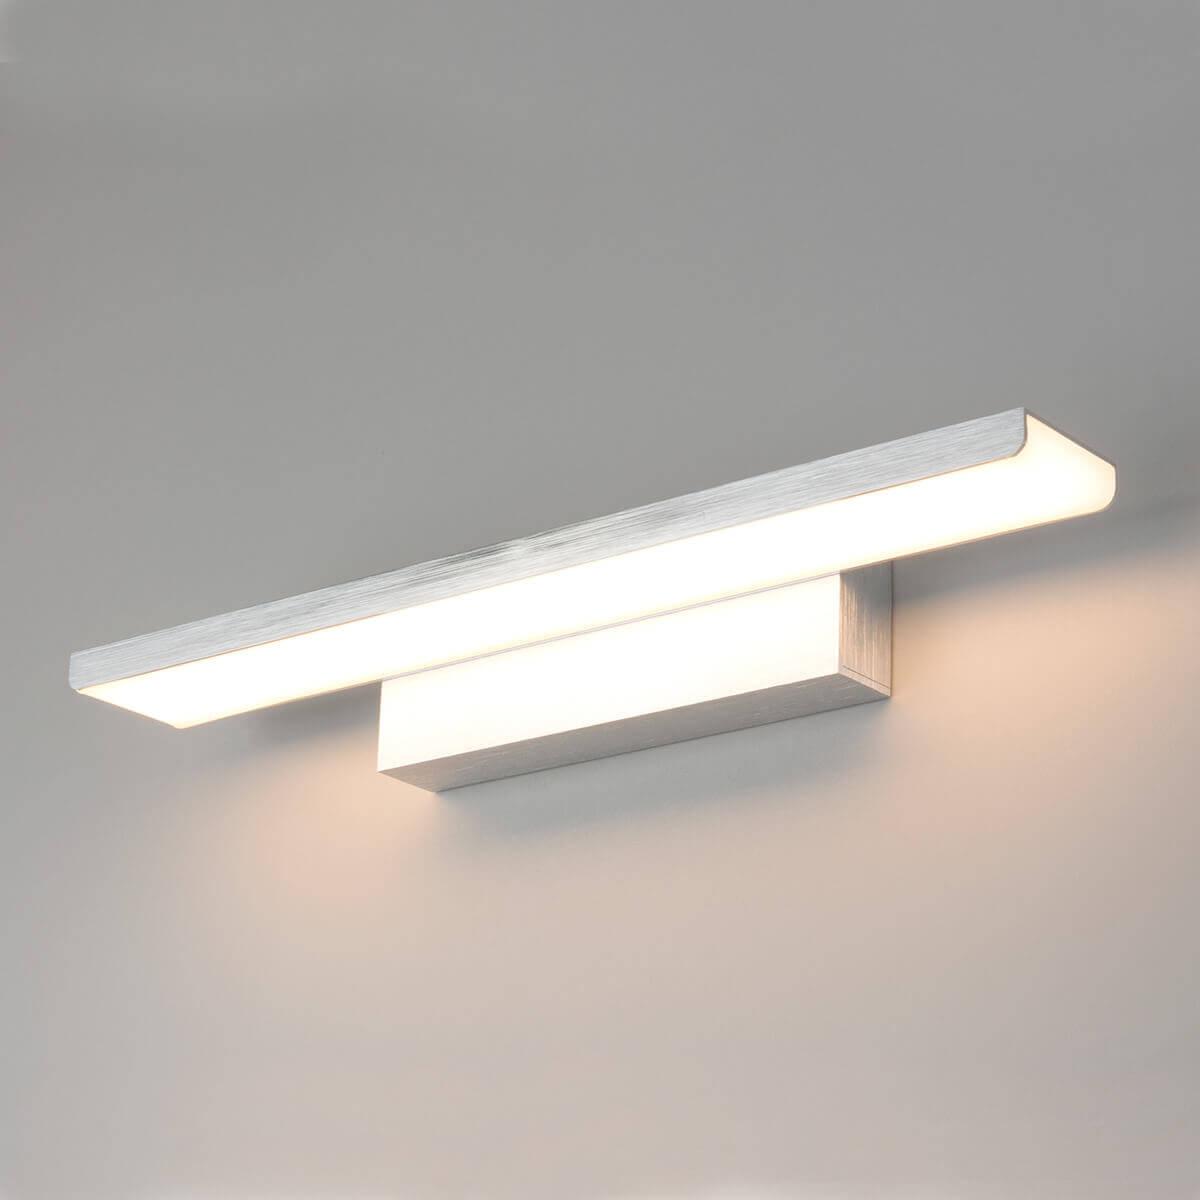 Подсветка для картин Elektrostandard Sankara LED 16W 1009 IP20 серебристая 4690389102806 цена и фото